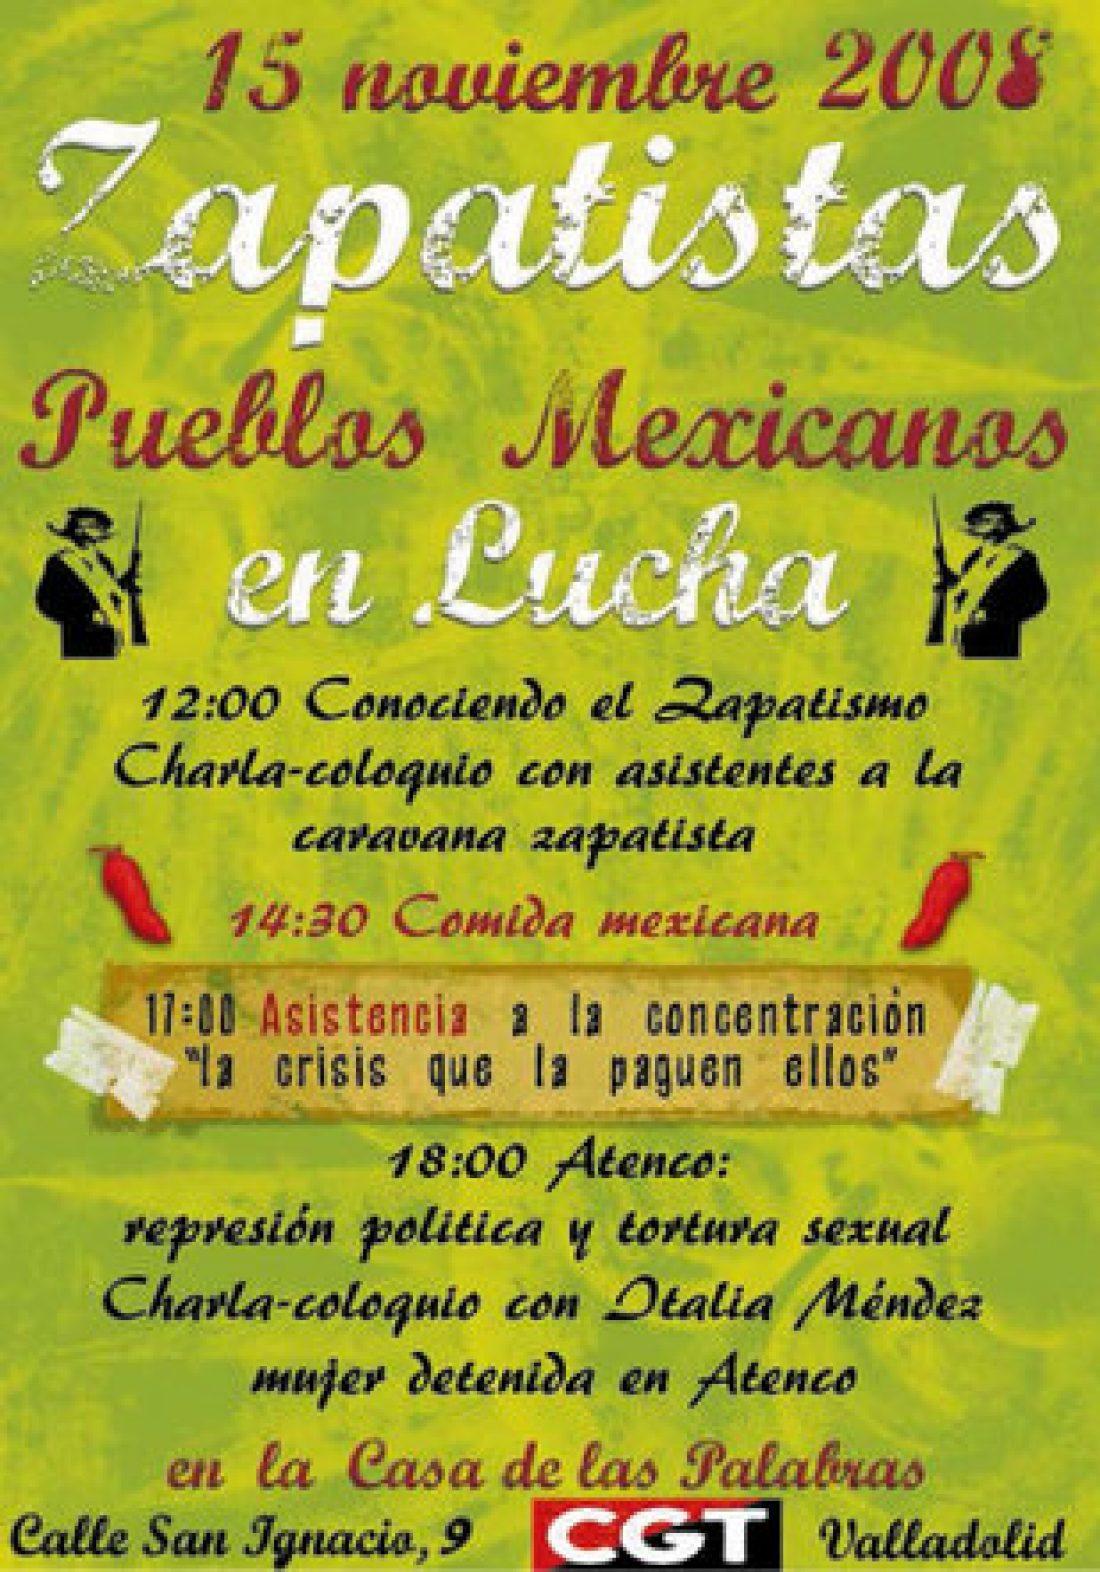 Zapatistas: Pueblos Mexicanos en Lucha. Conociendo el Zapatismo.